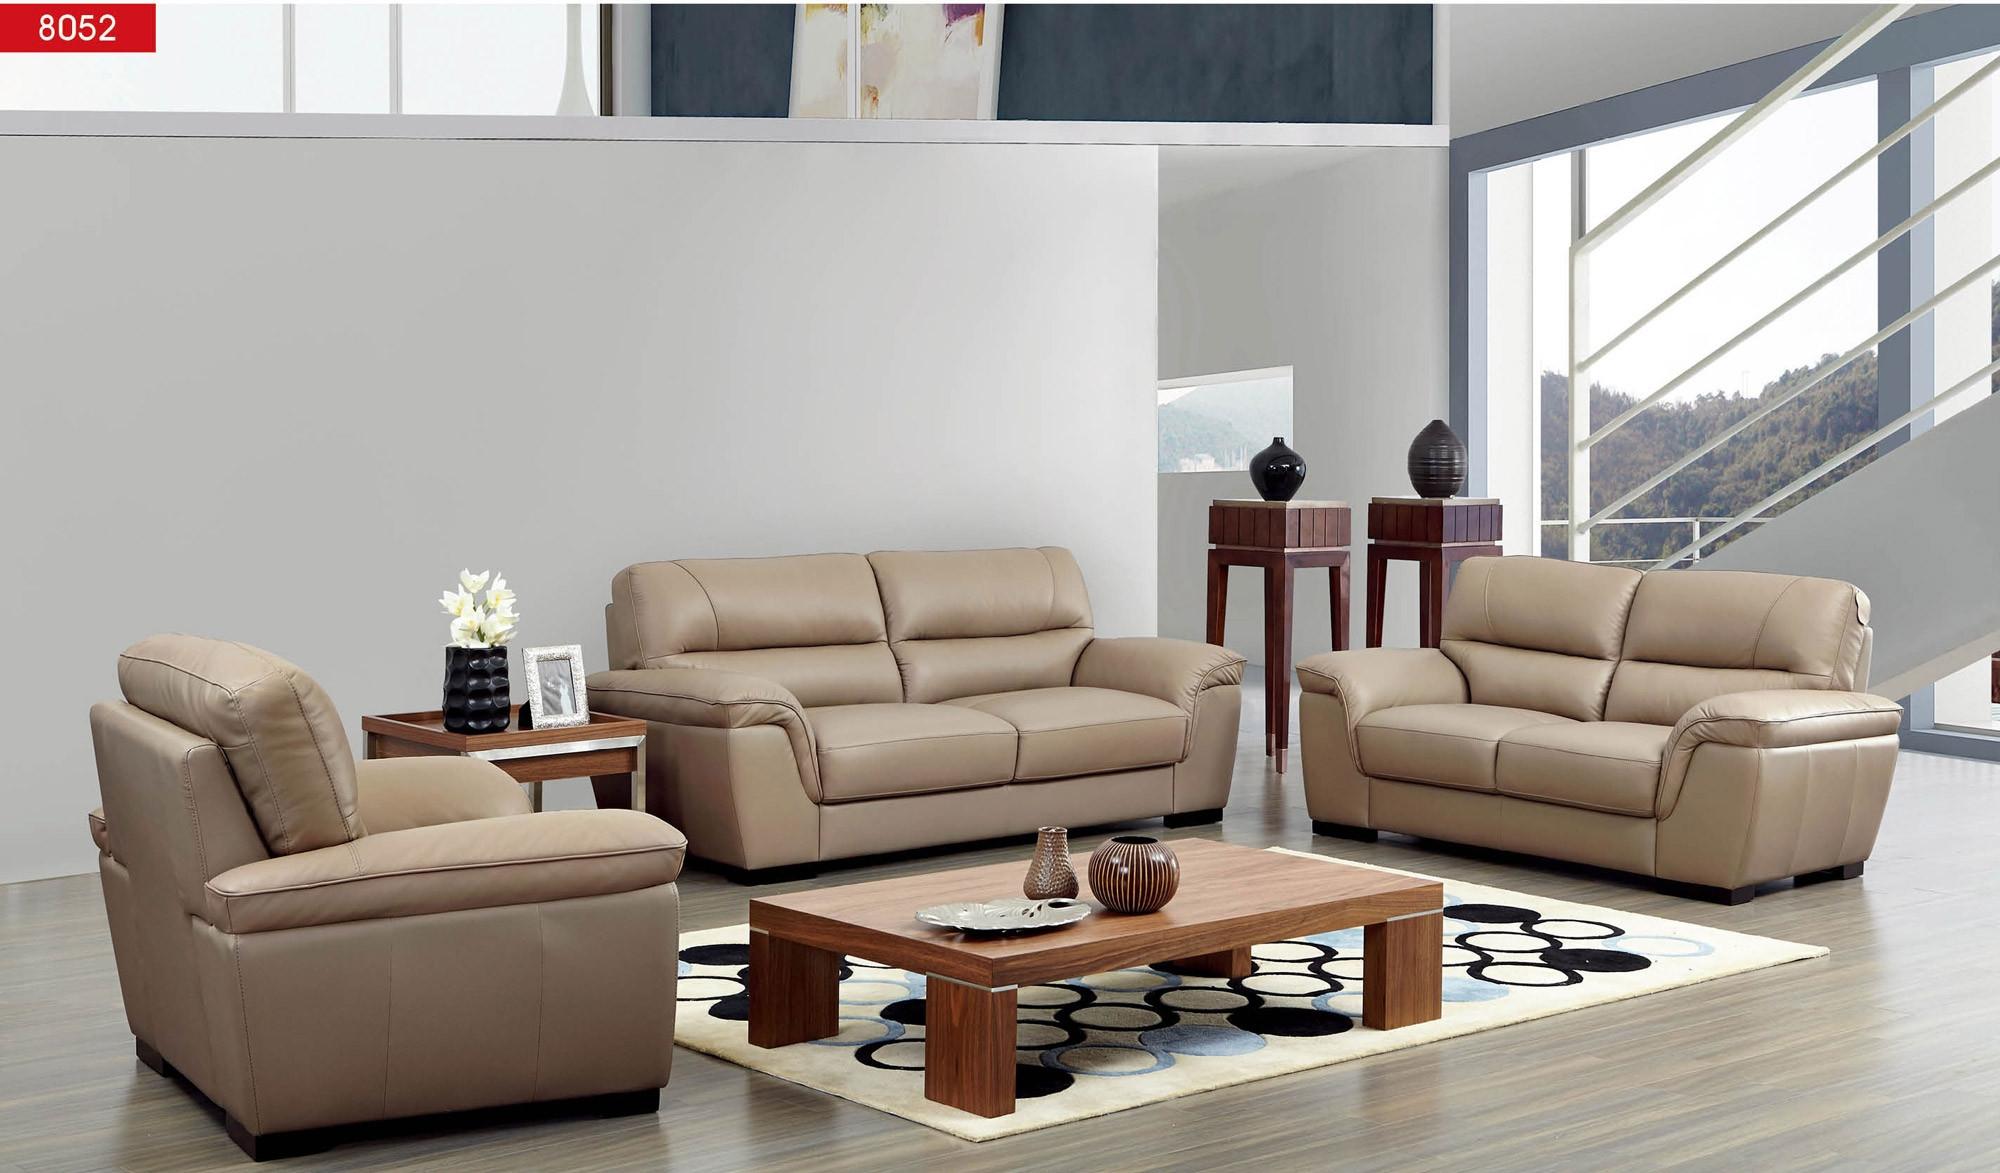 Esf 8052 Modern Living Room Set In Camel Leather